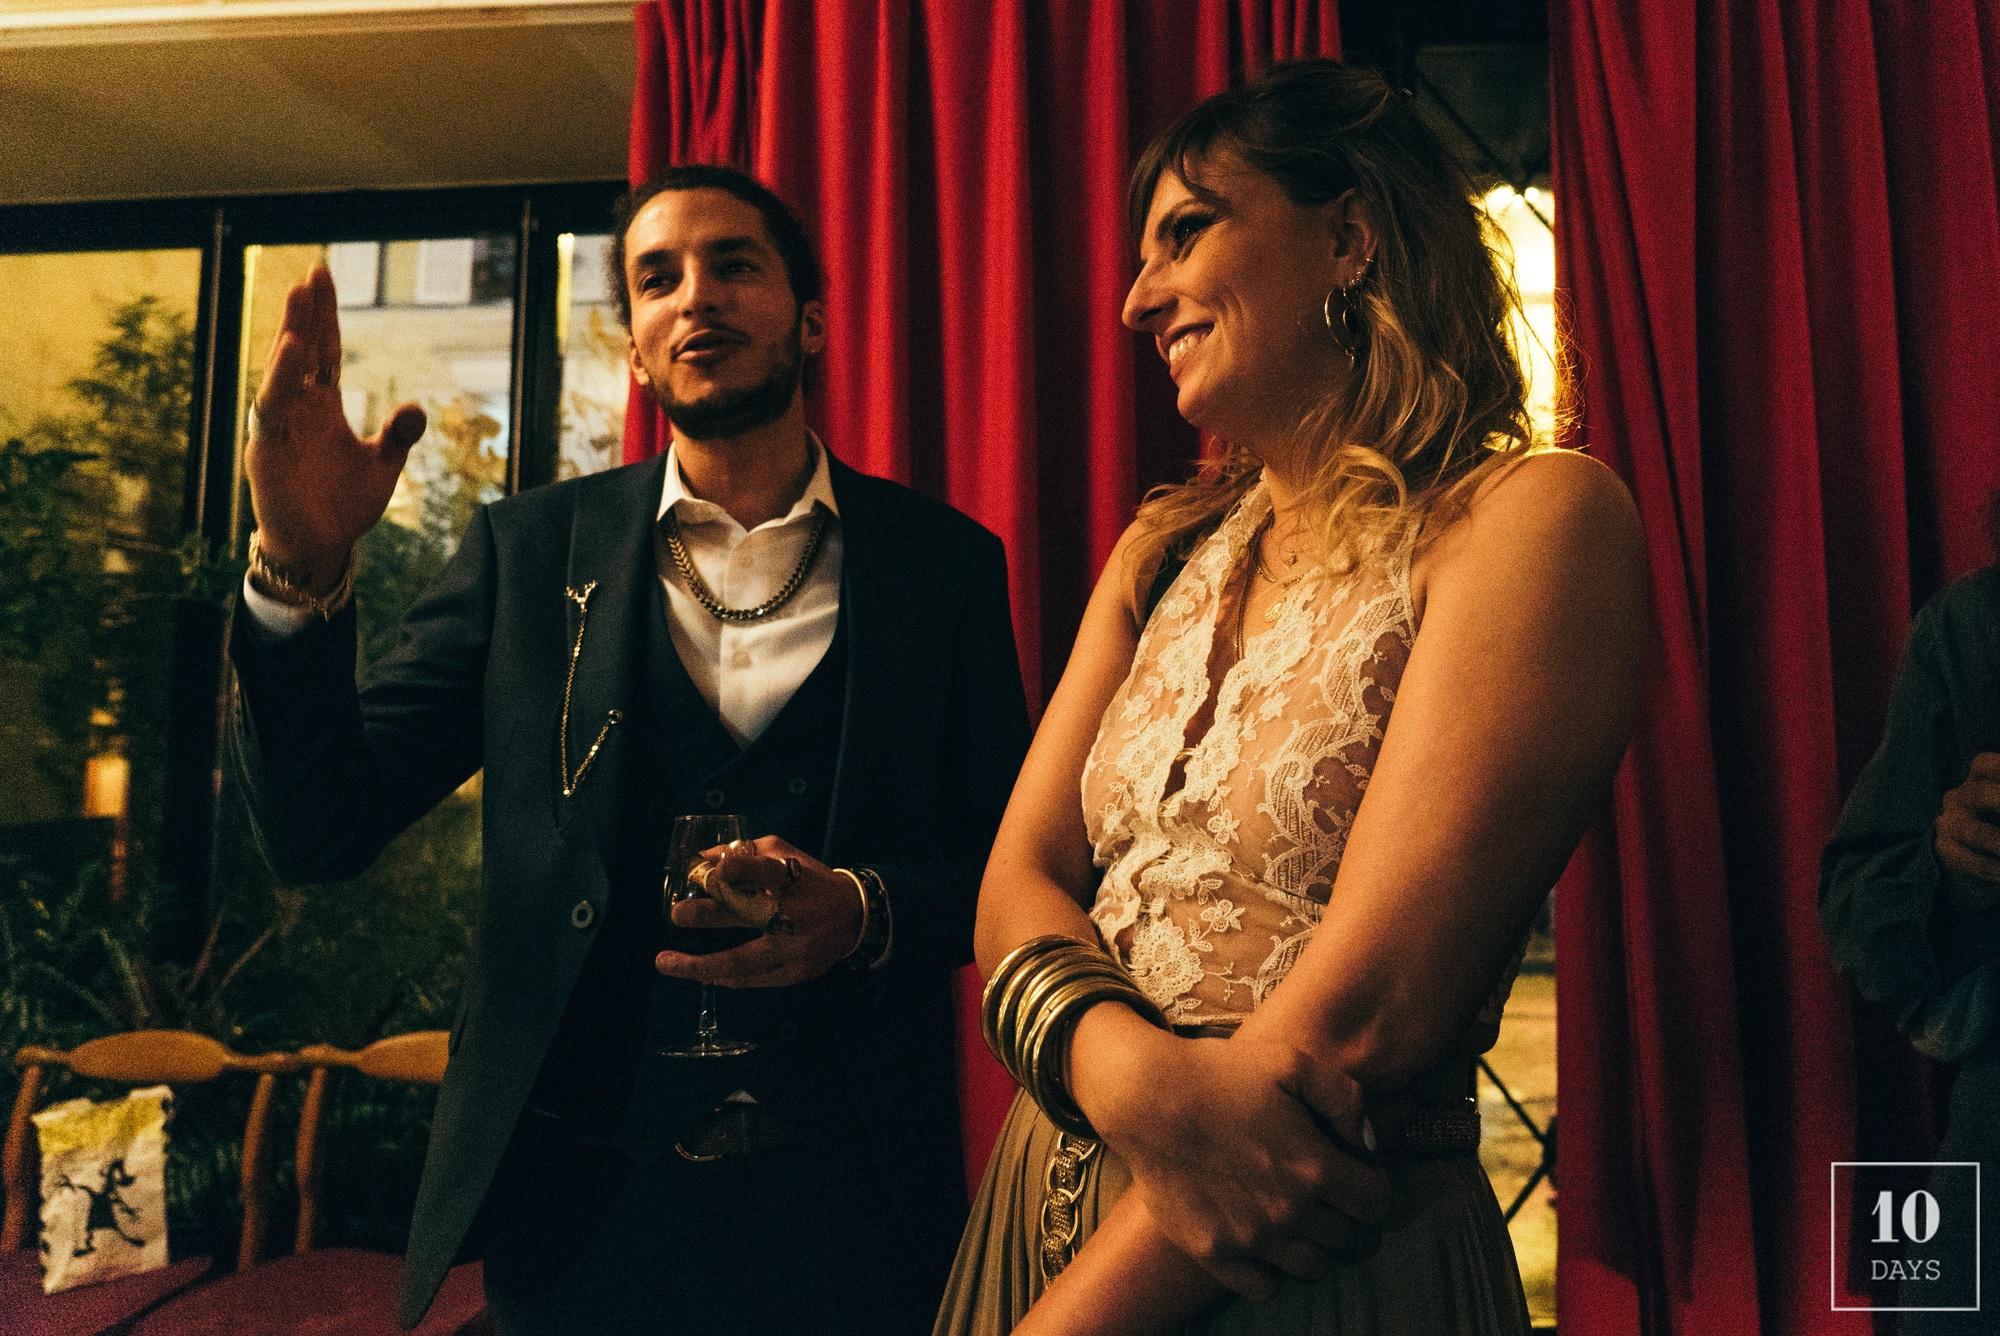 Allez l'amour Cocktail Party